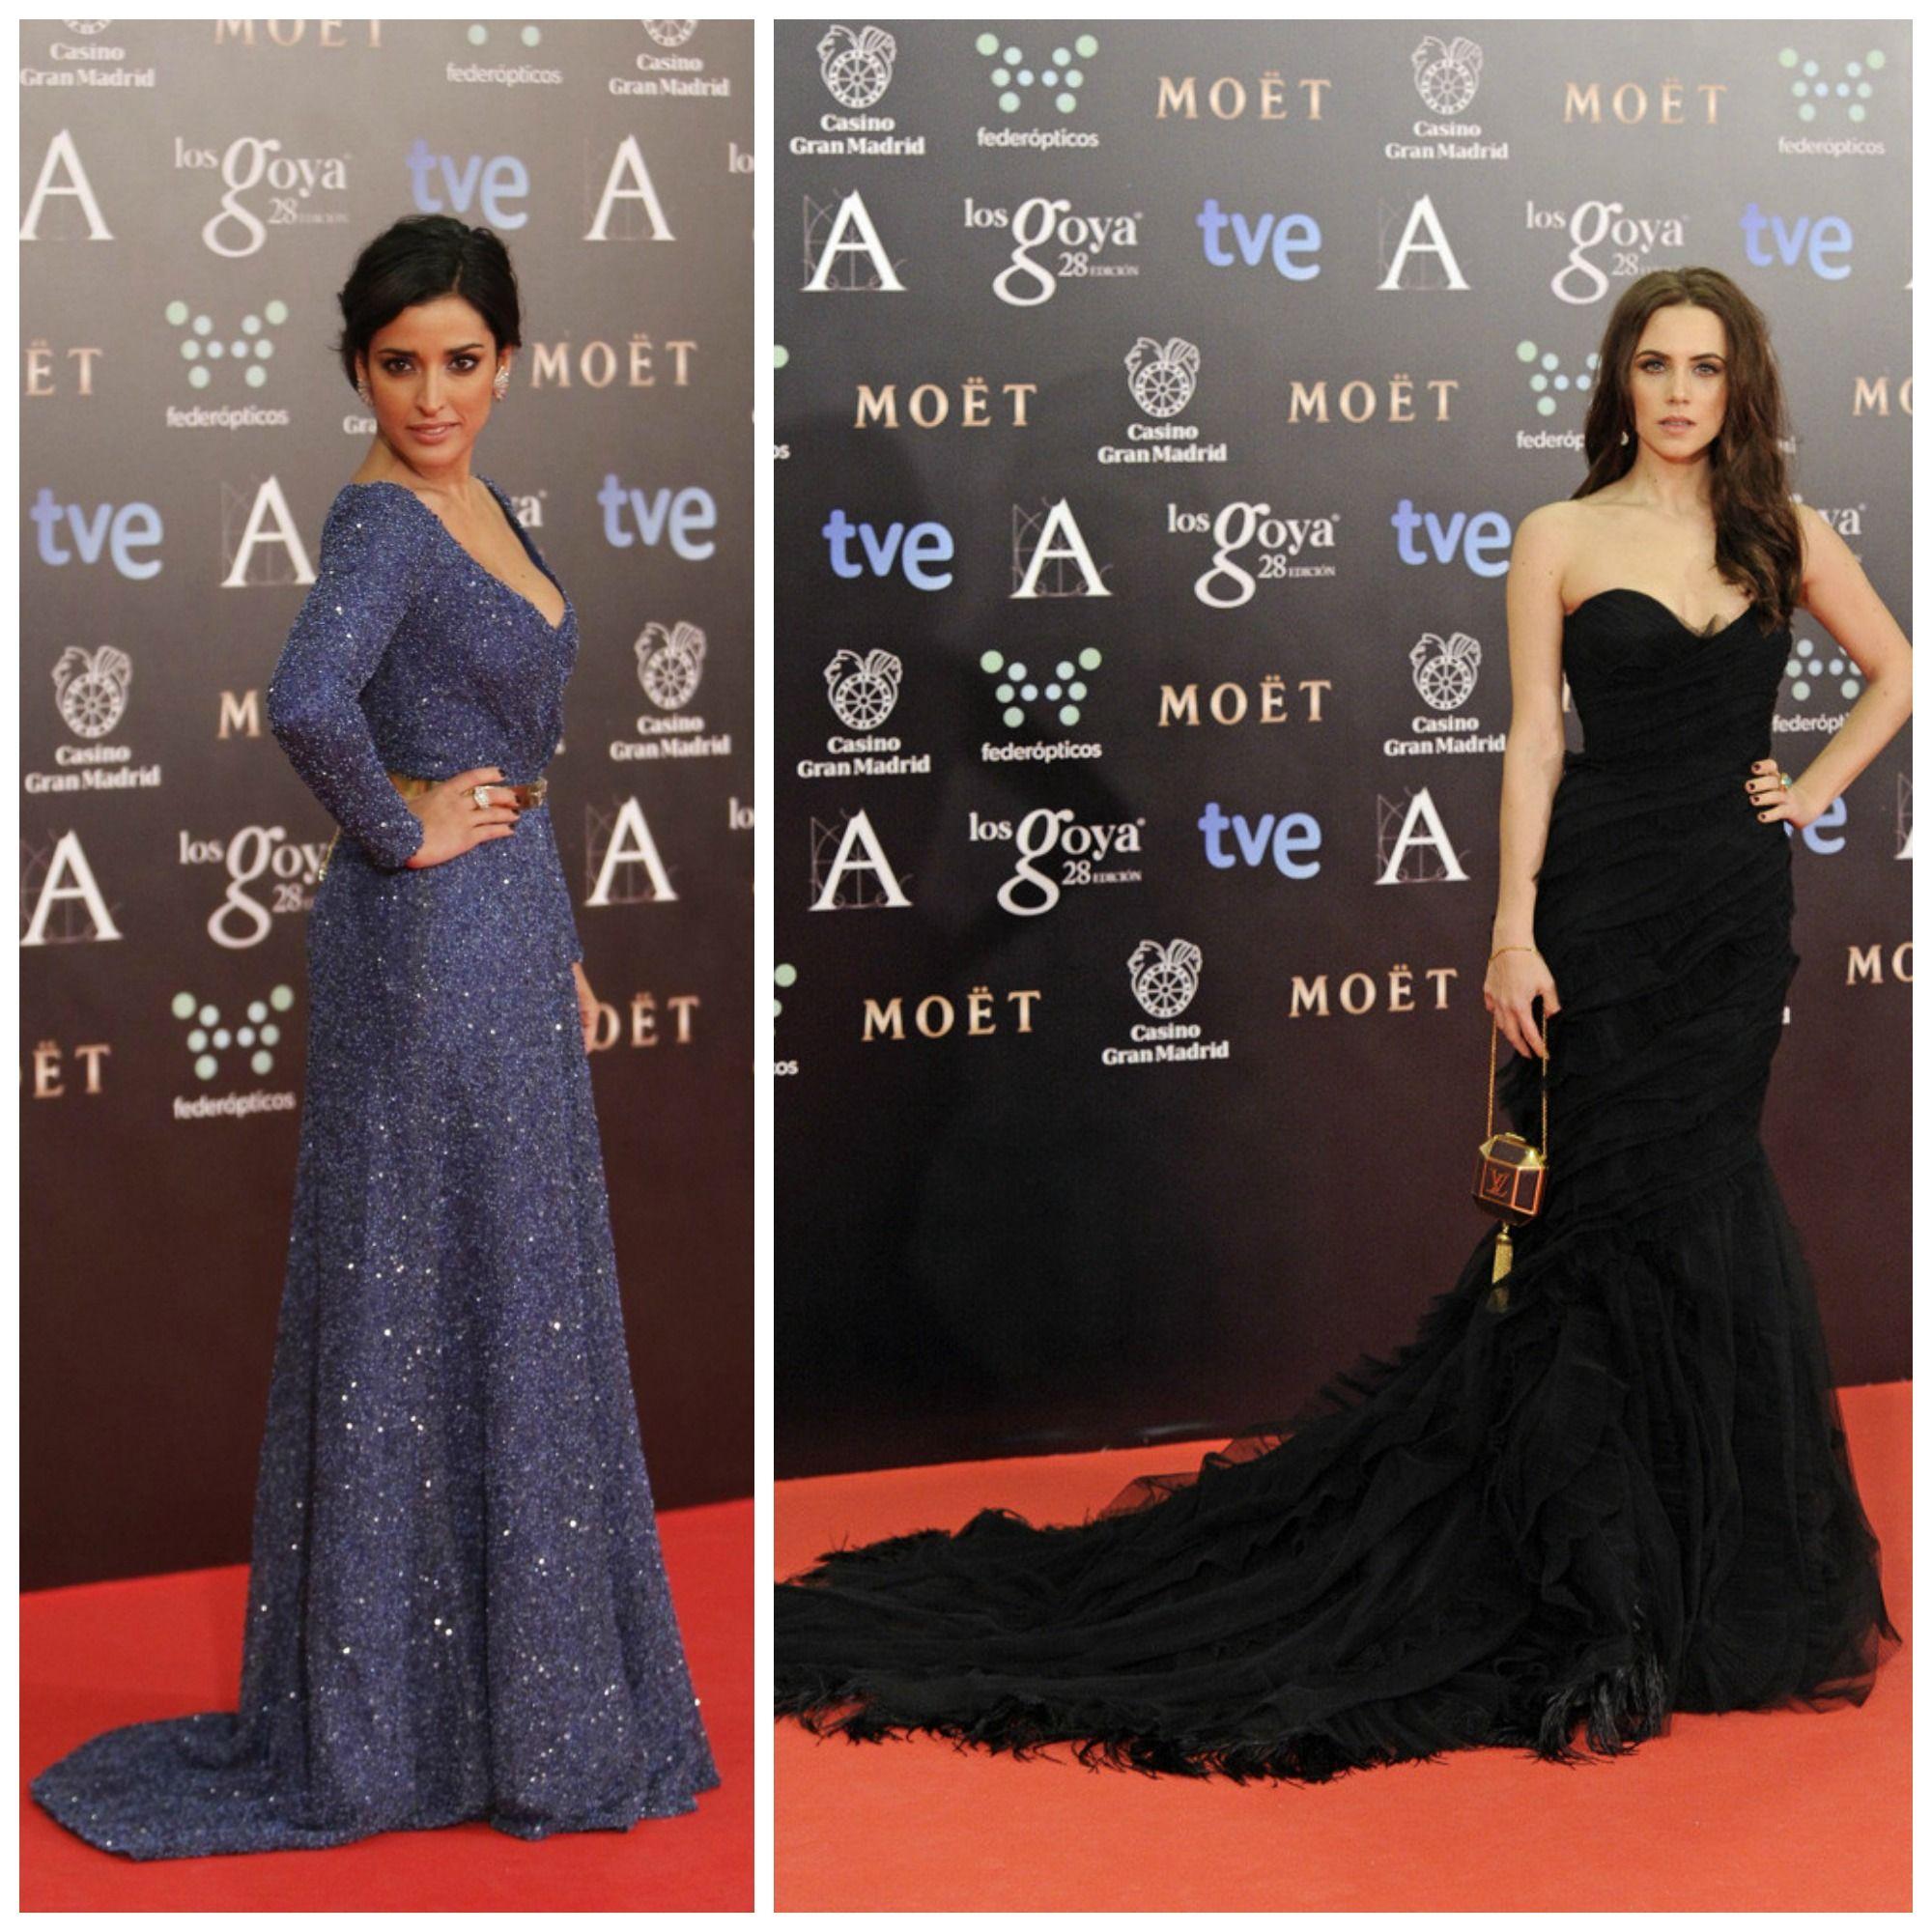 Inma Cuesta y Aura Garrido fueron de las mejores vestidas en la gala de los Goya 2014. Ojo a la limosnera de Louis Vuitton que llevaba Aura.